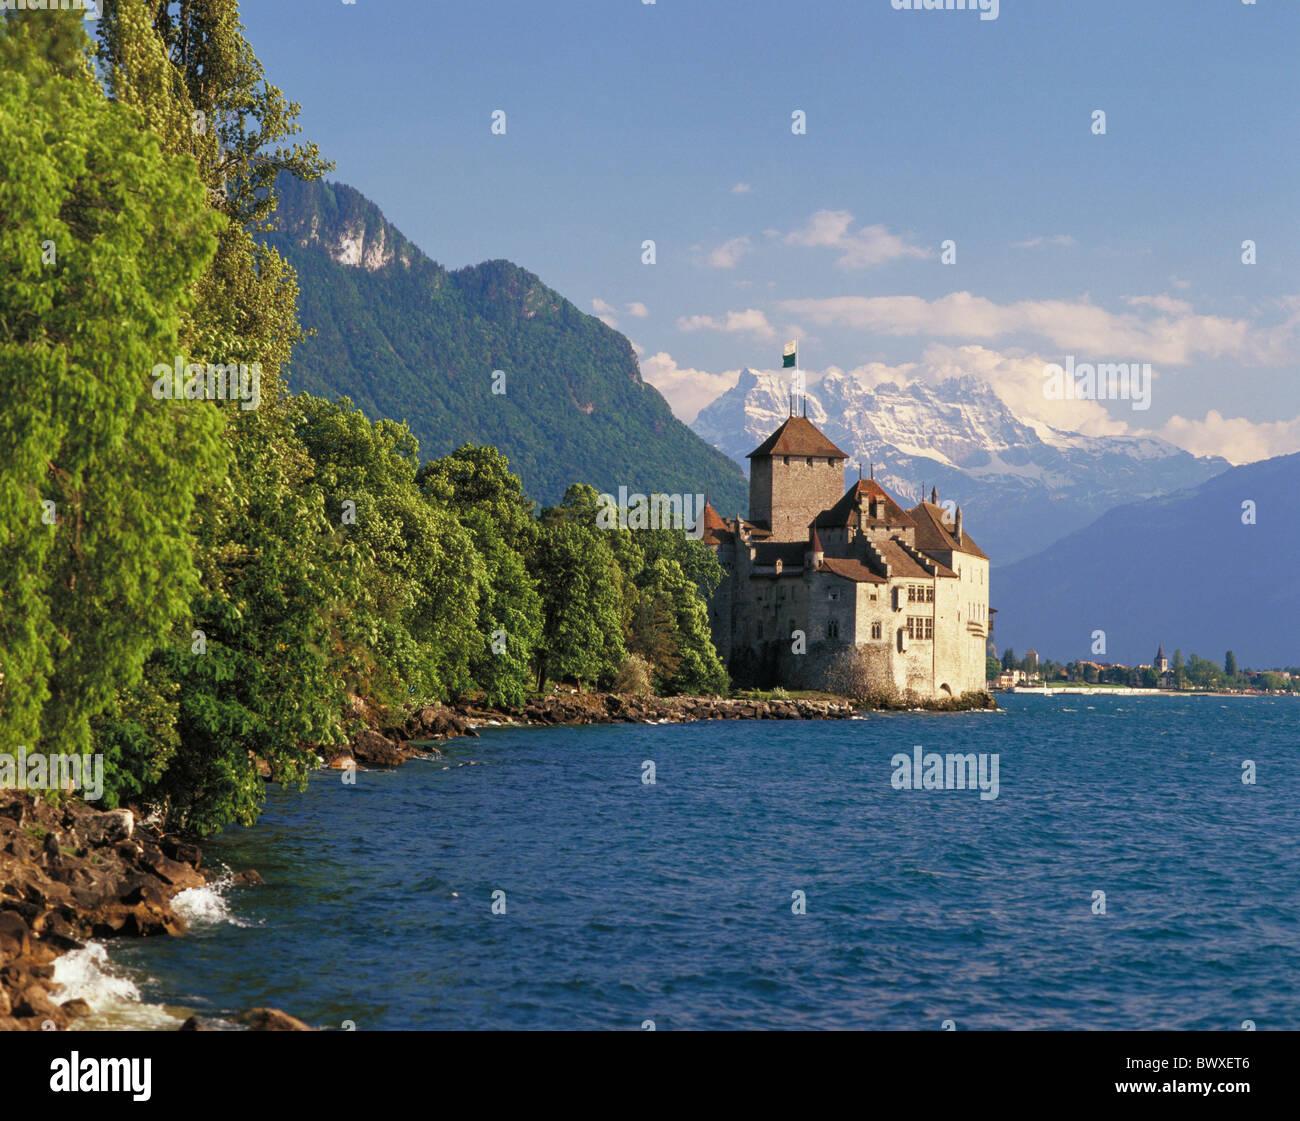 außerhalb der Dents du Midi Buchsen Dickicht Schloss Chillon Schweiz Europa Genfersee Genfersee Waadt Stockbild